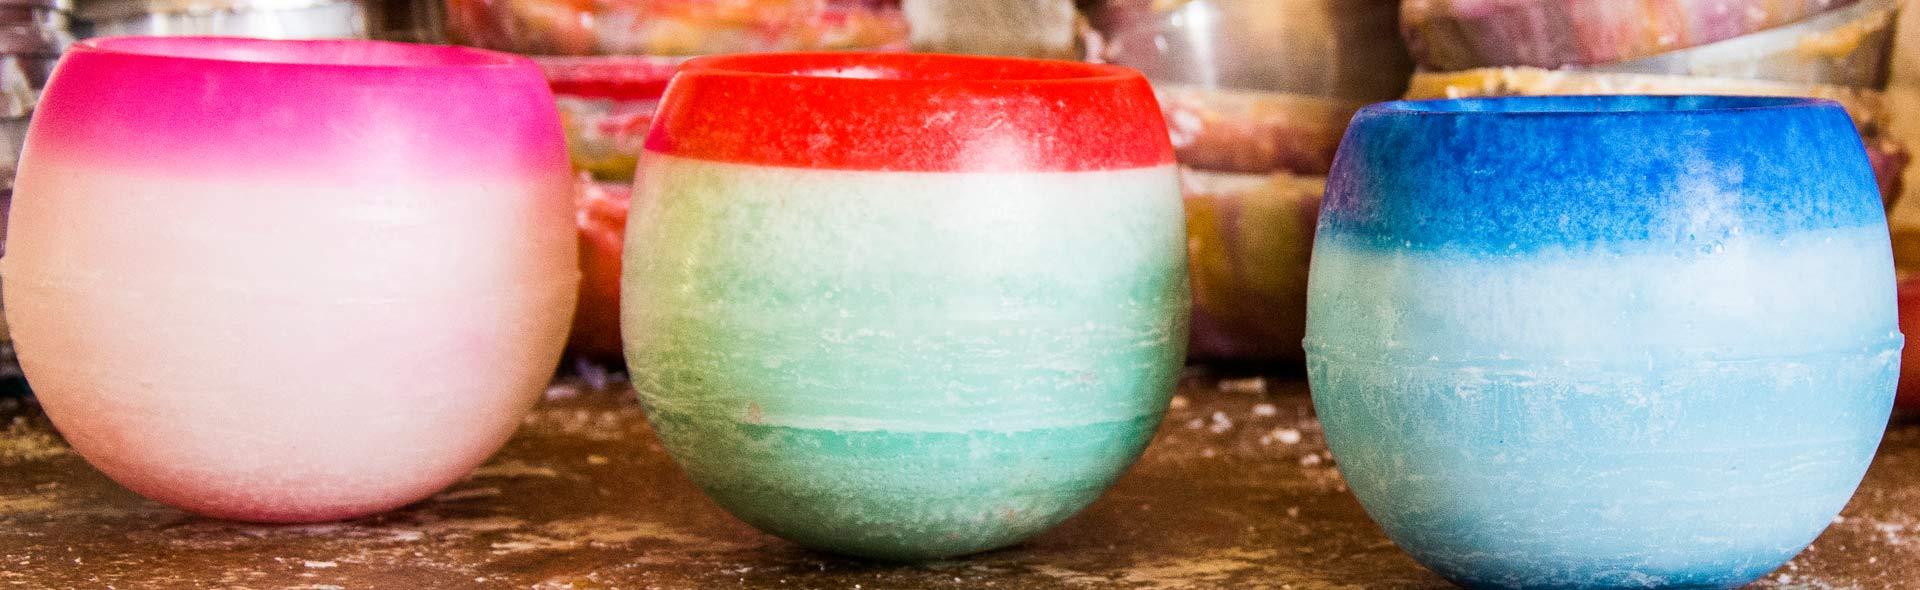 Tres cuencos aromáticos alineados rosa, verde y azul